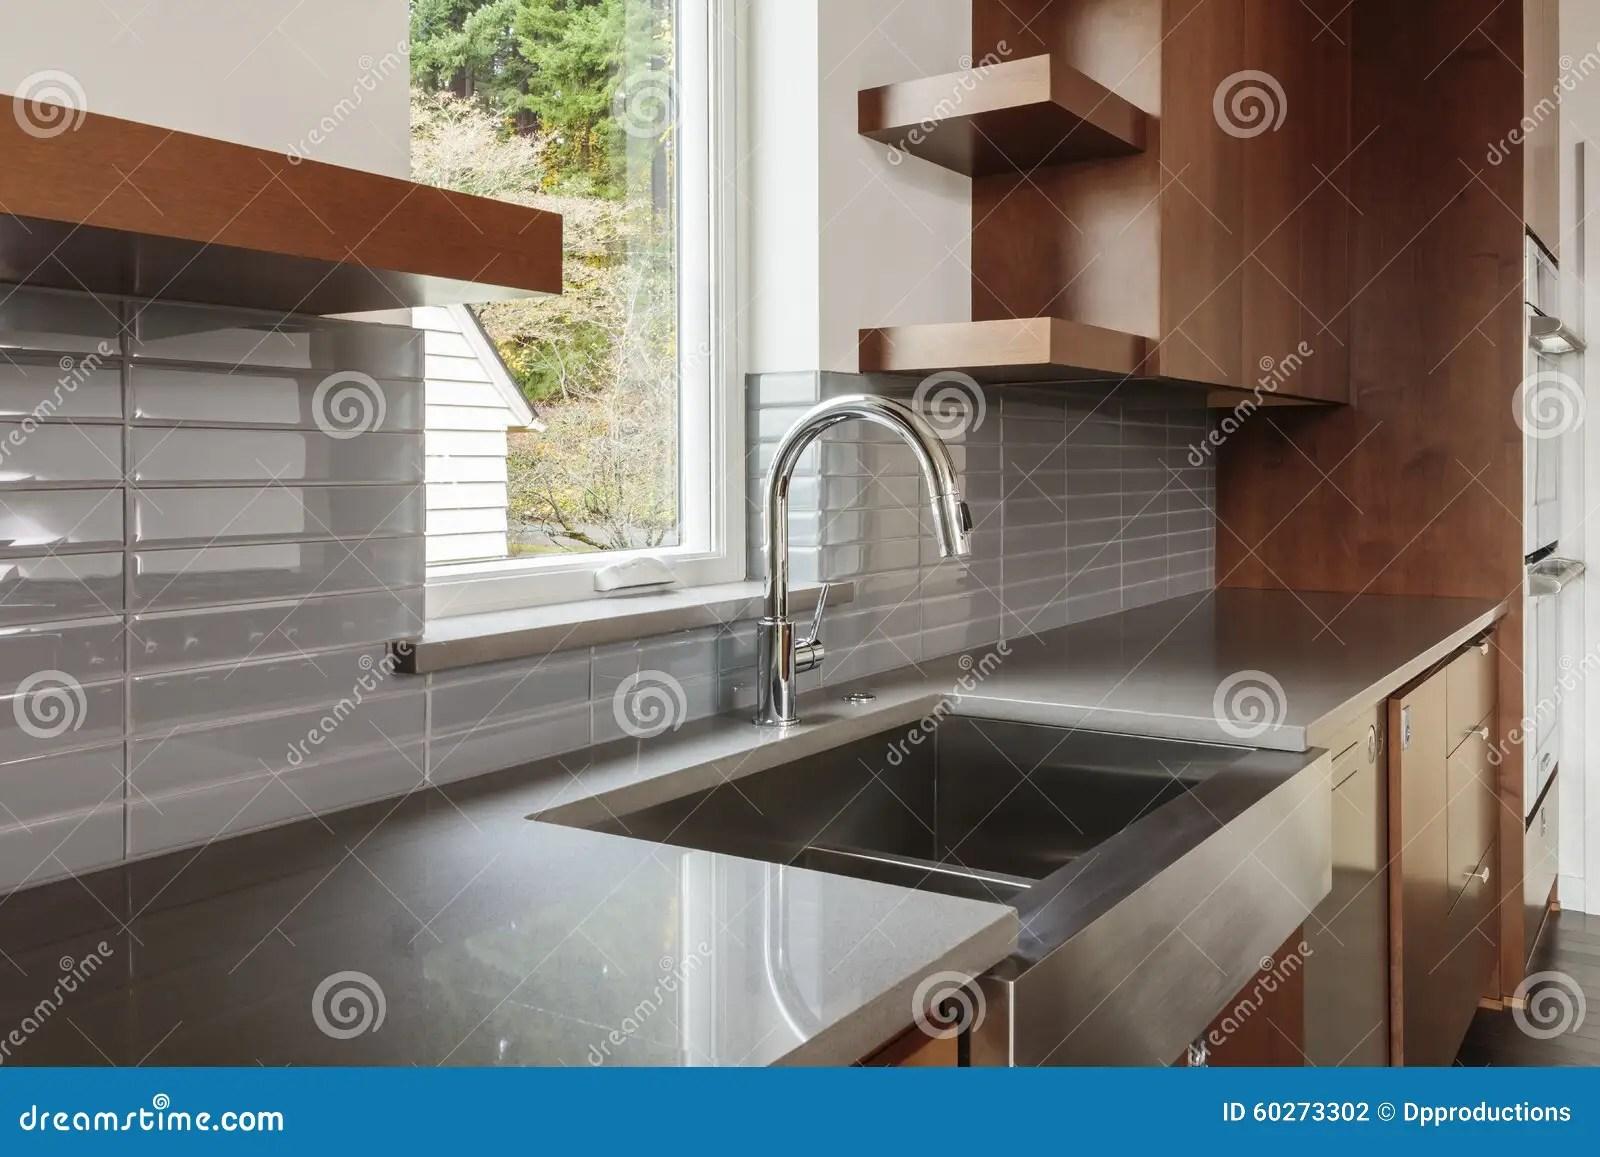 brown kitchen sink american standard faucet 厨房和水槽侧视图库存照片 图片包括有干净 烤箱 厨房 机柜 水槽 厨房和水槽侧视图